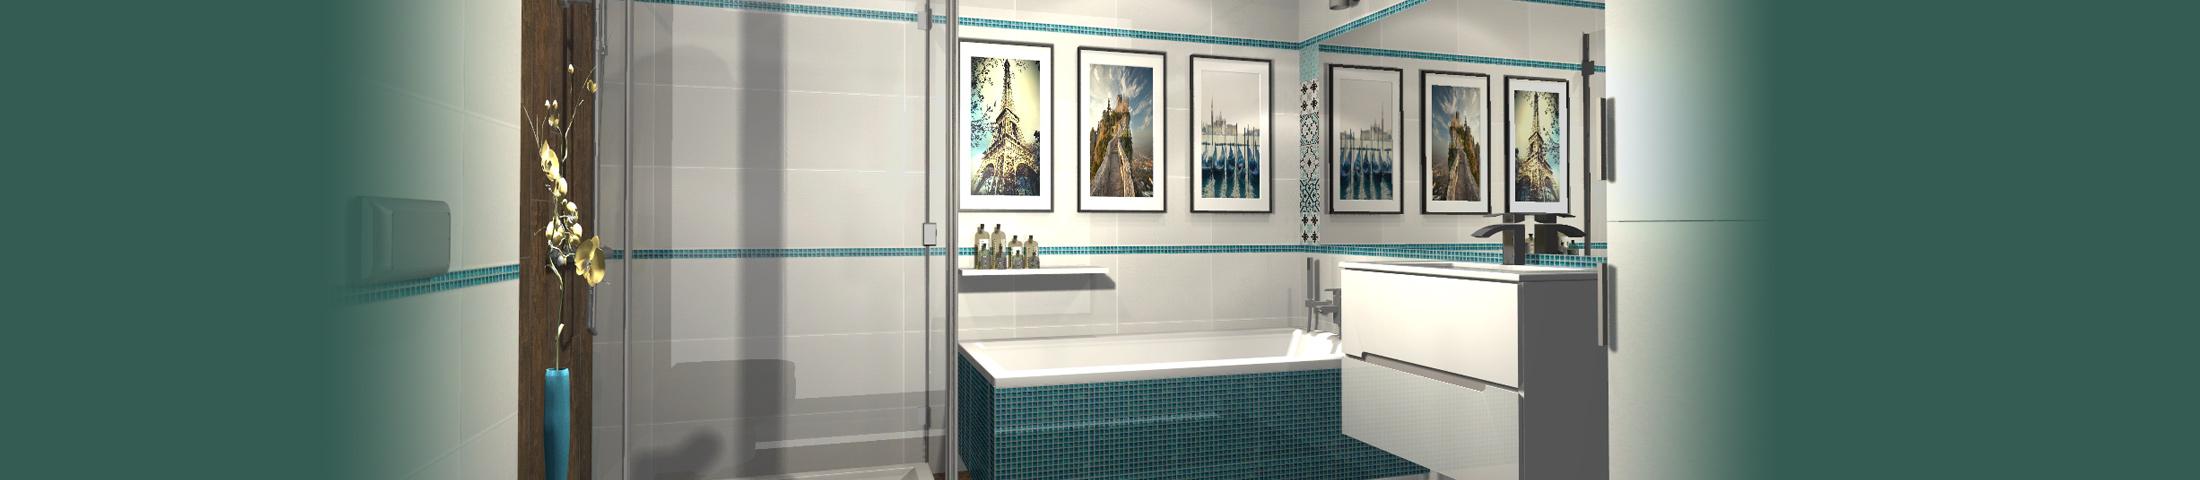 Vyberte si koupelnu v ceně domu